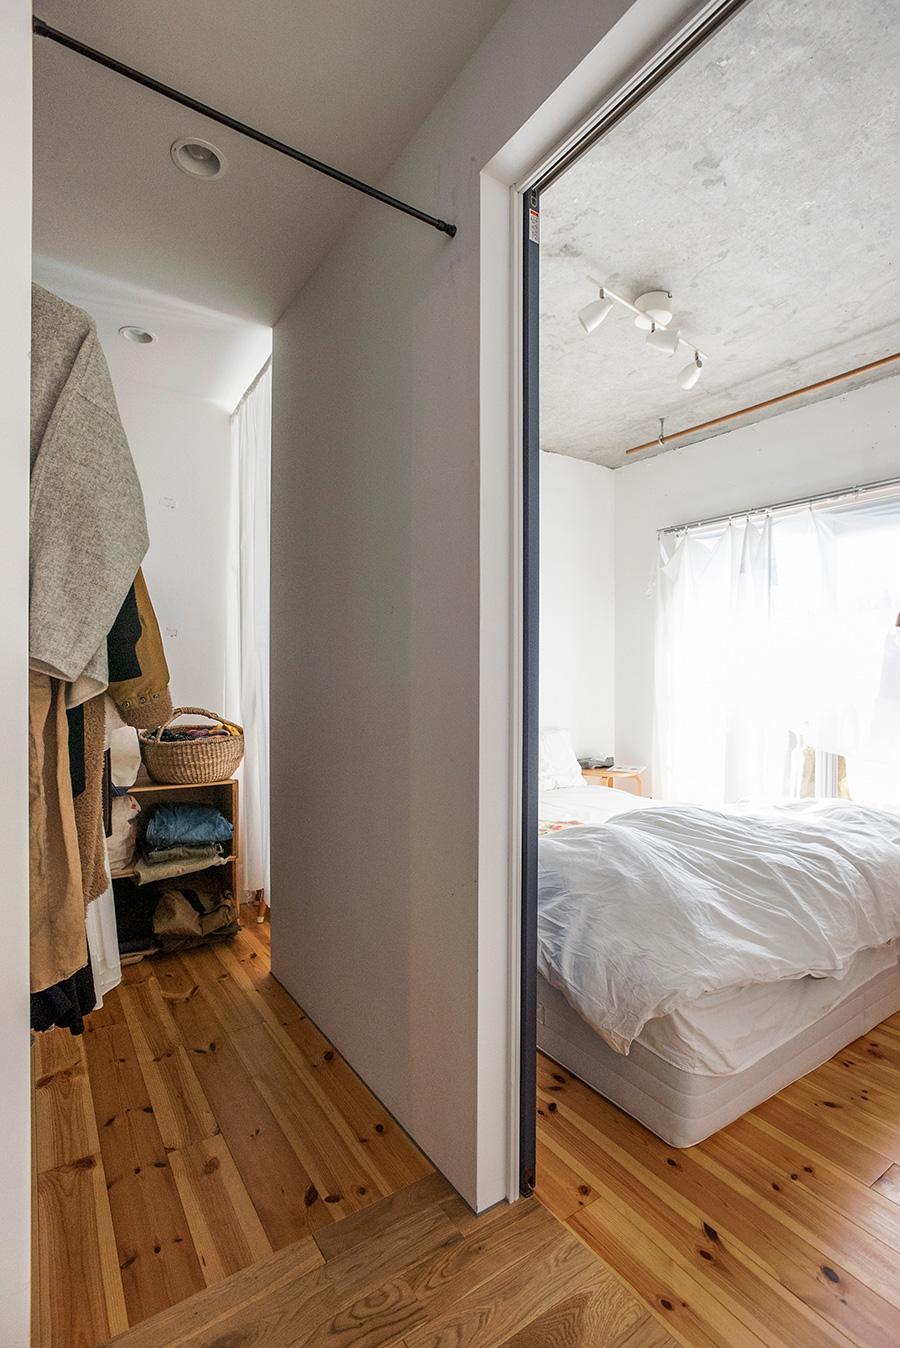 ベッドルームのみ個室に。仕切りの壁は新たに設けたもの。ベッドルーム側からもWICへ入れるように動線を確保した。